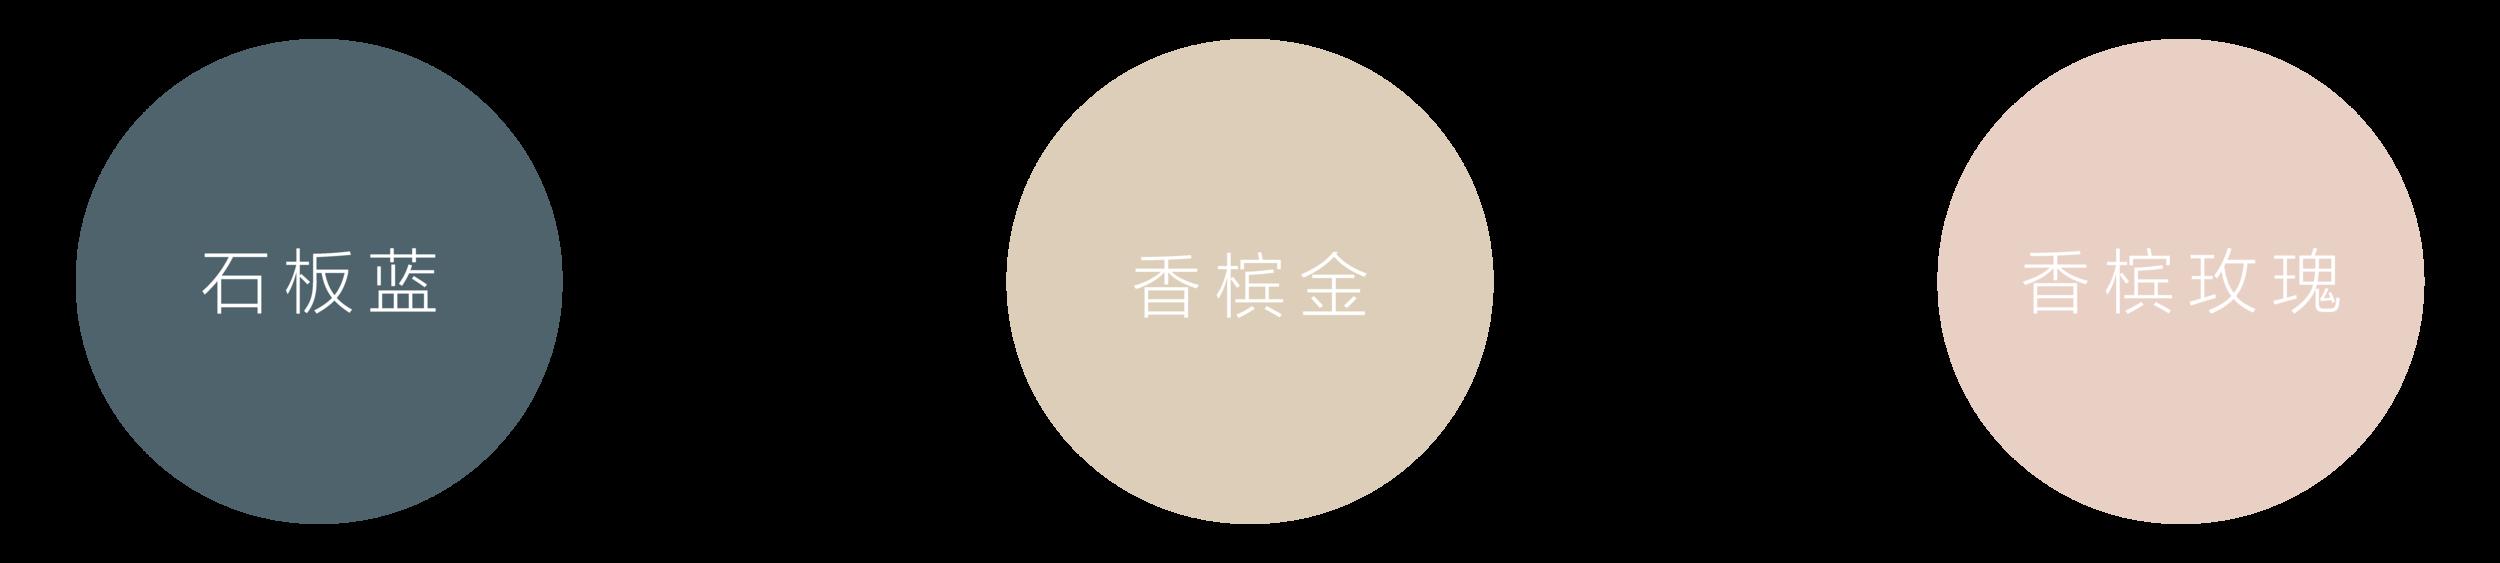 Idol Alpha - 捷徑-13.png